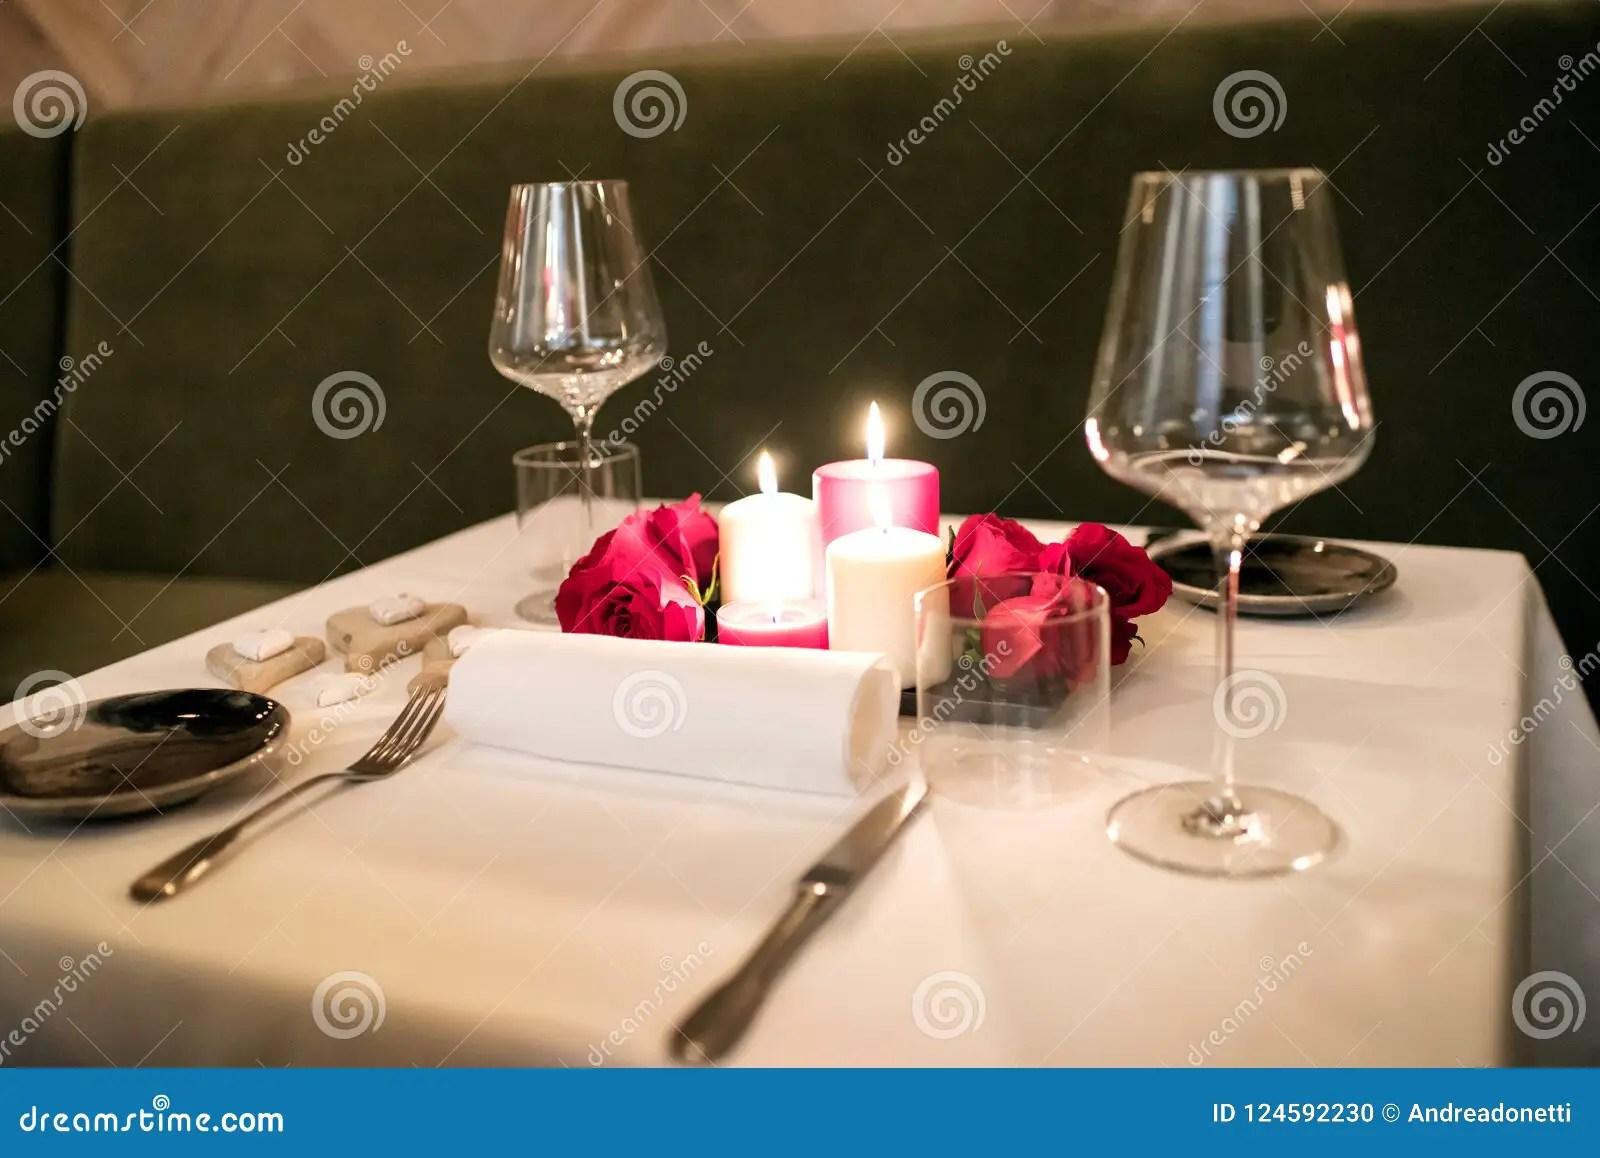 https fr dreamstime com arrangement romantique intime table deux image124592230